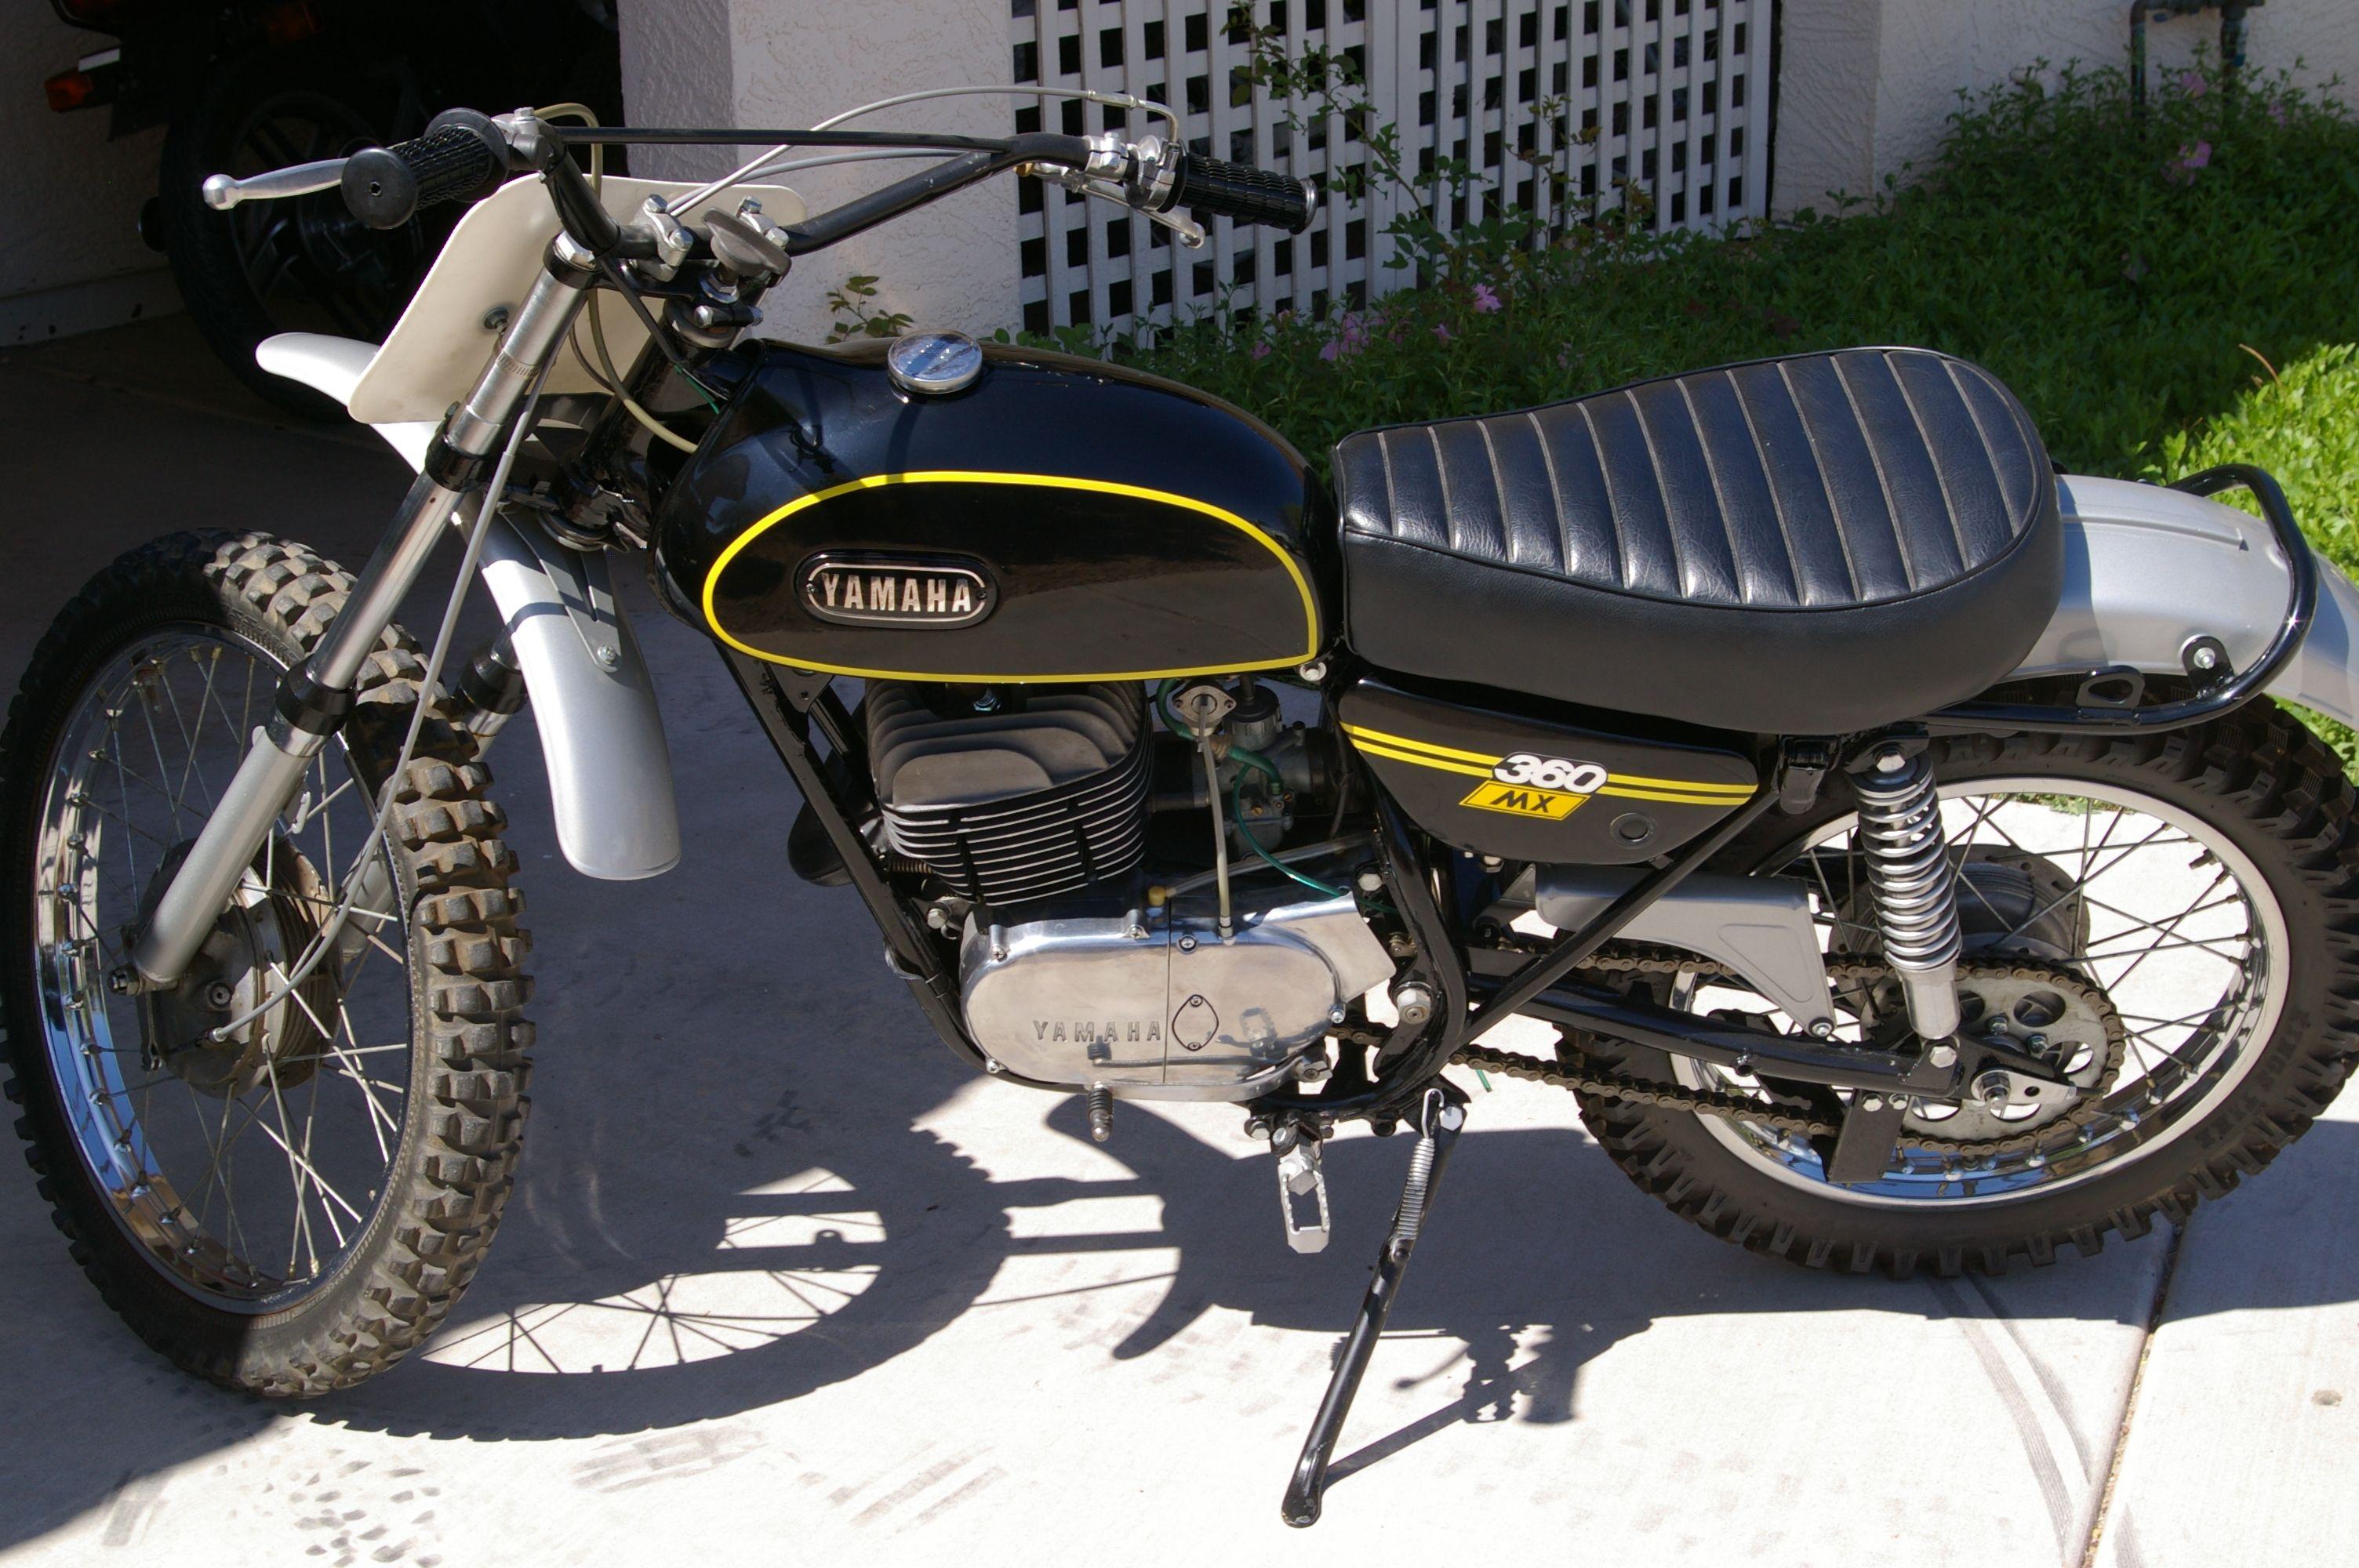 Vintage Yamaha Enduro 360 Restored By Barracuda Racing Racing Yamaha Barracuda